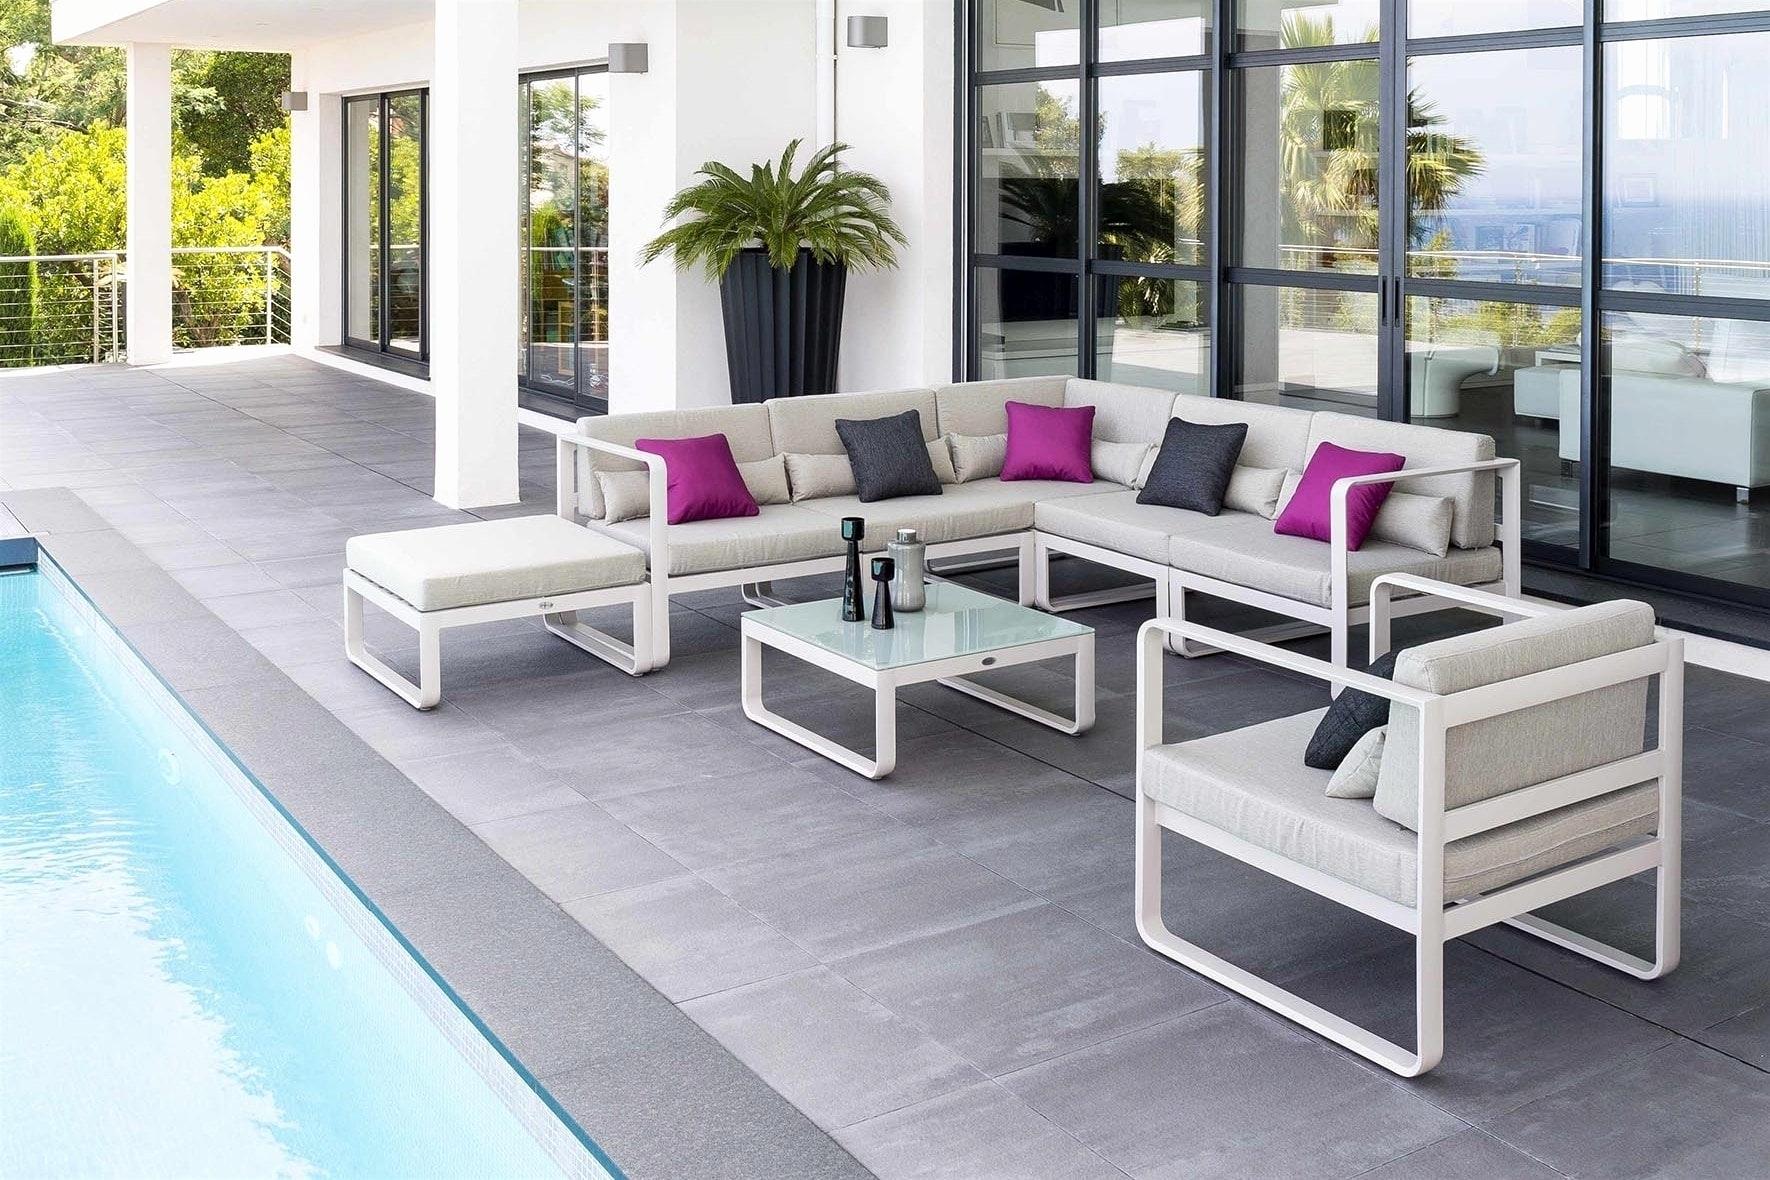 salon de jardin aluminium brico depot jardin piscine et. Black Bedroom Furniture Sets. Home Design Ideas